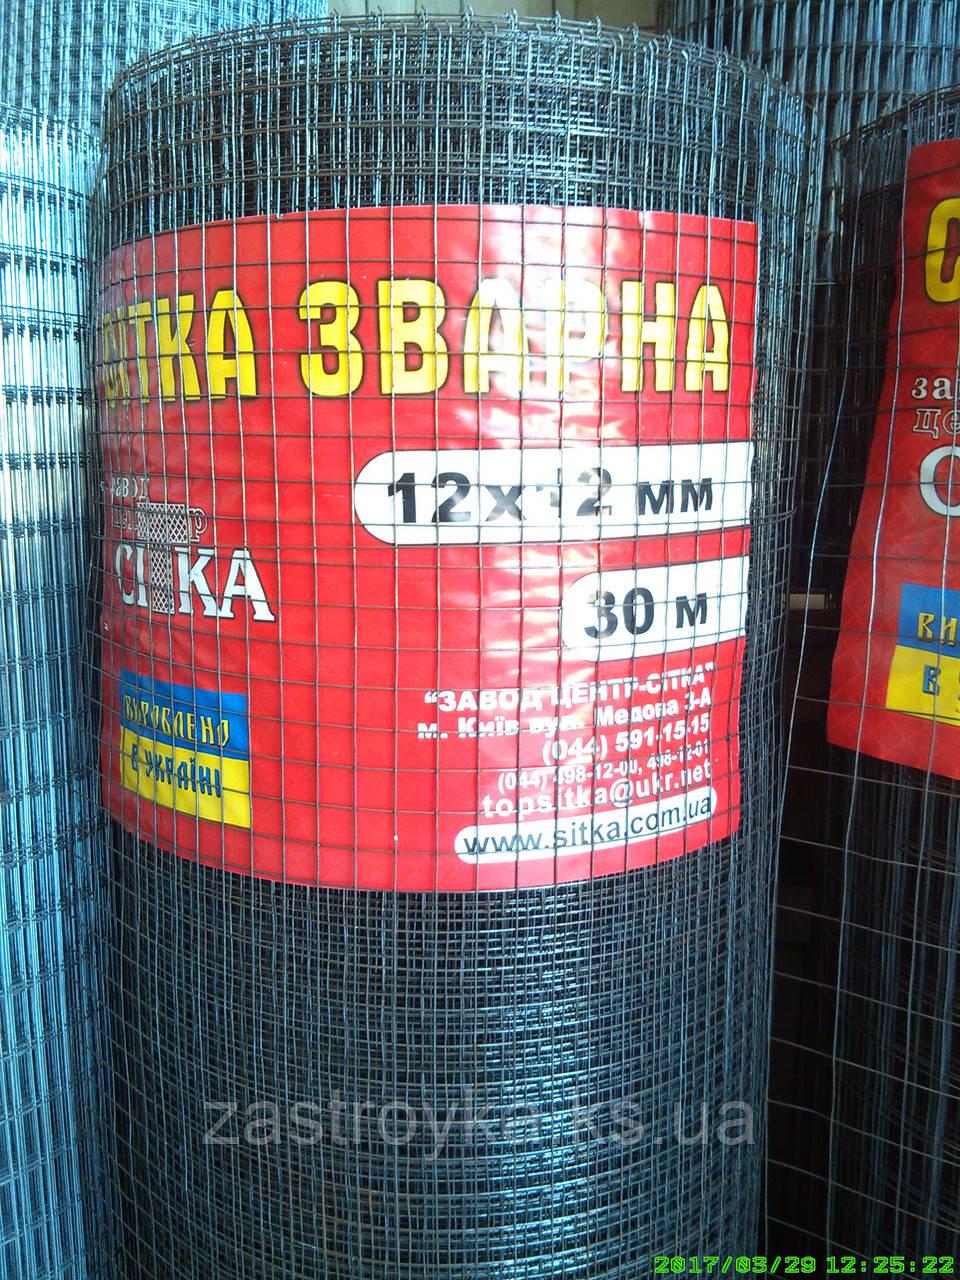 Сітка зварна 12х12мм d0,9мм (1х30м) (без покриття) на метраж не ріжемо